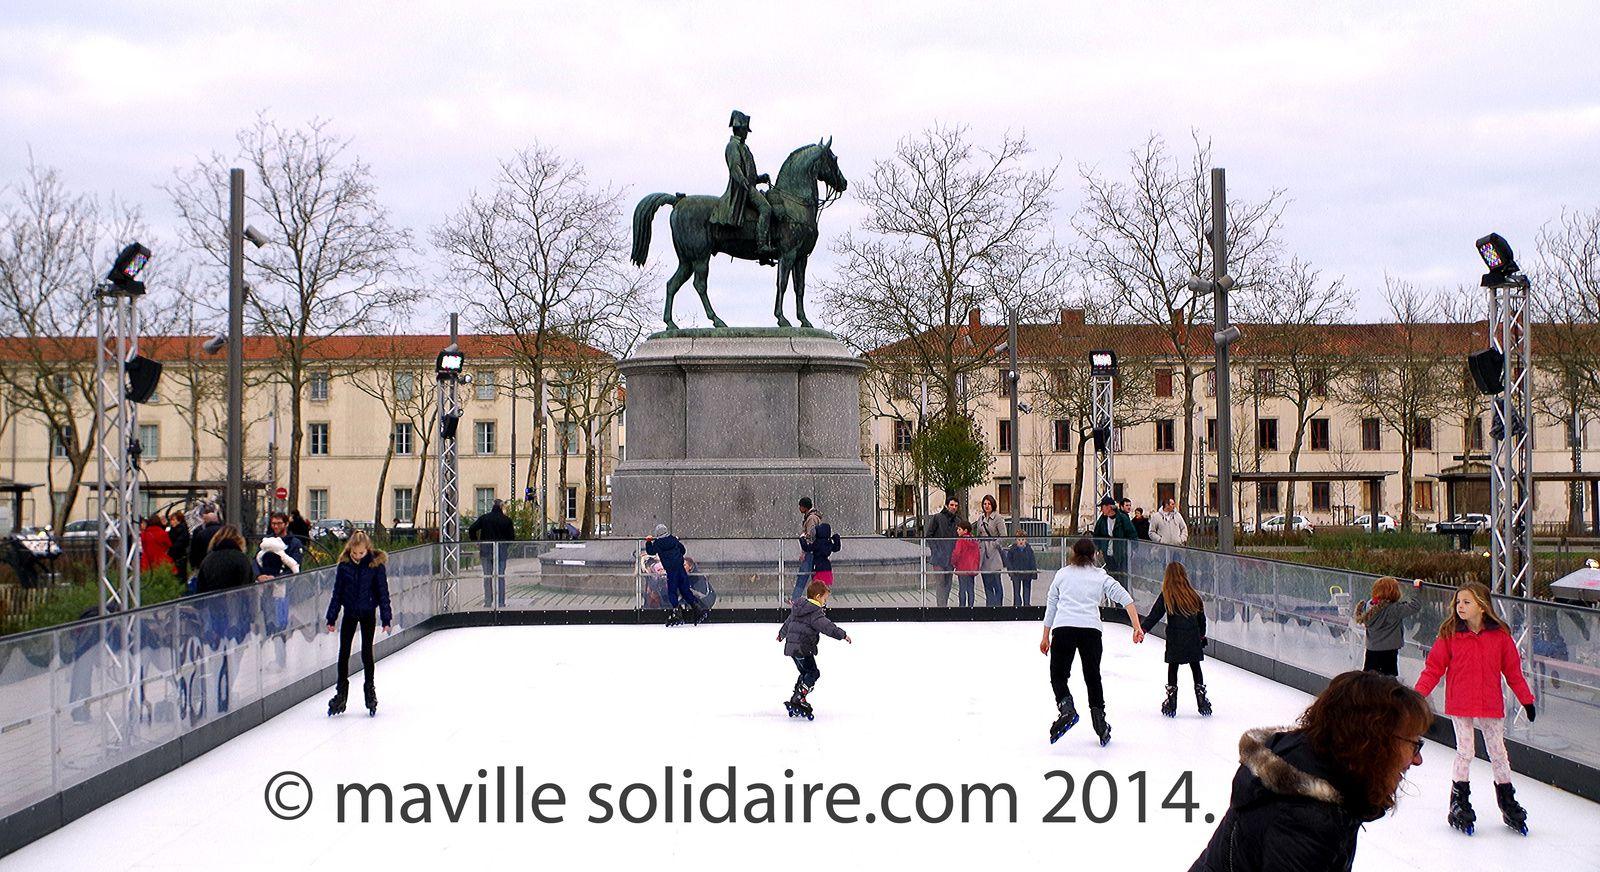 La Roche-sur-Yon Fête de Noël marché de Noël patinoire Père Noël lutins.